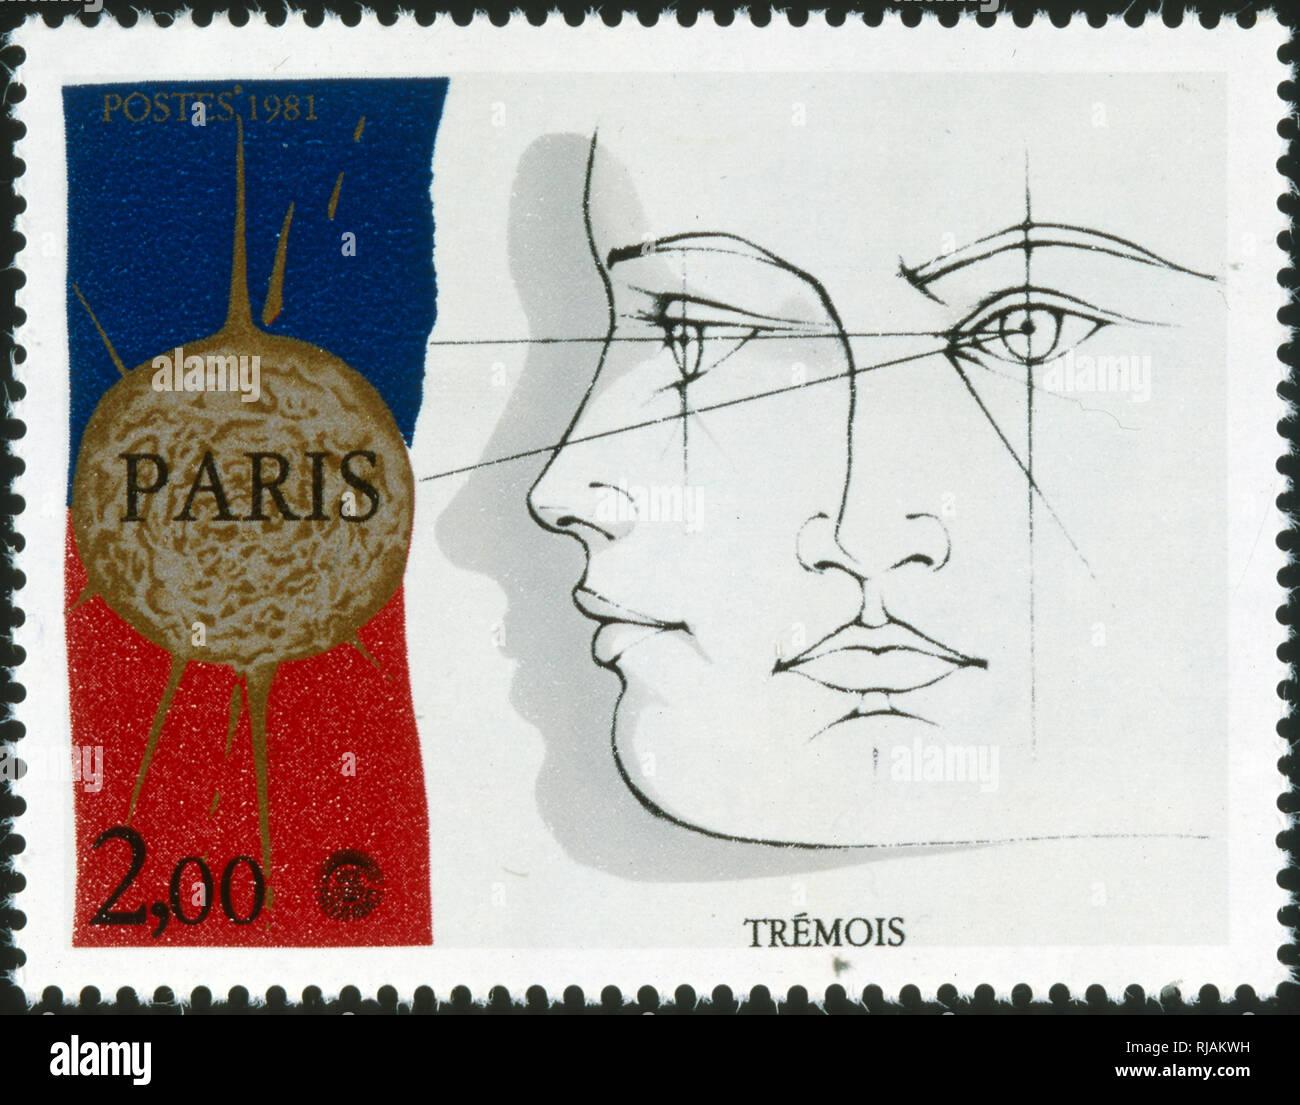 Estampilla conmemorando francés Pierre-Yves Tremois (nacido el 8 de enero de 1921 en París), un artista visual y escultor francés. Él es conocido por sugestivas obras dibujo en iguales proporciones en el surrealismo y ciencia ilustración Imagen De Stock